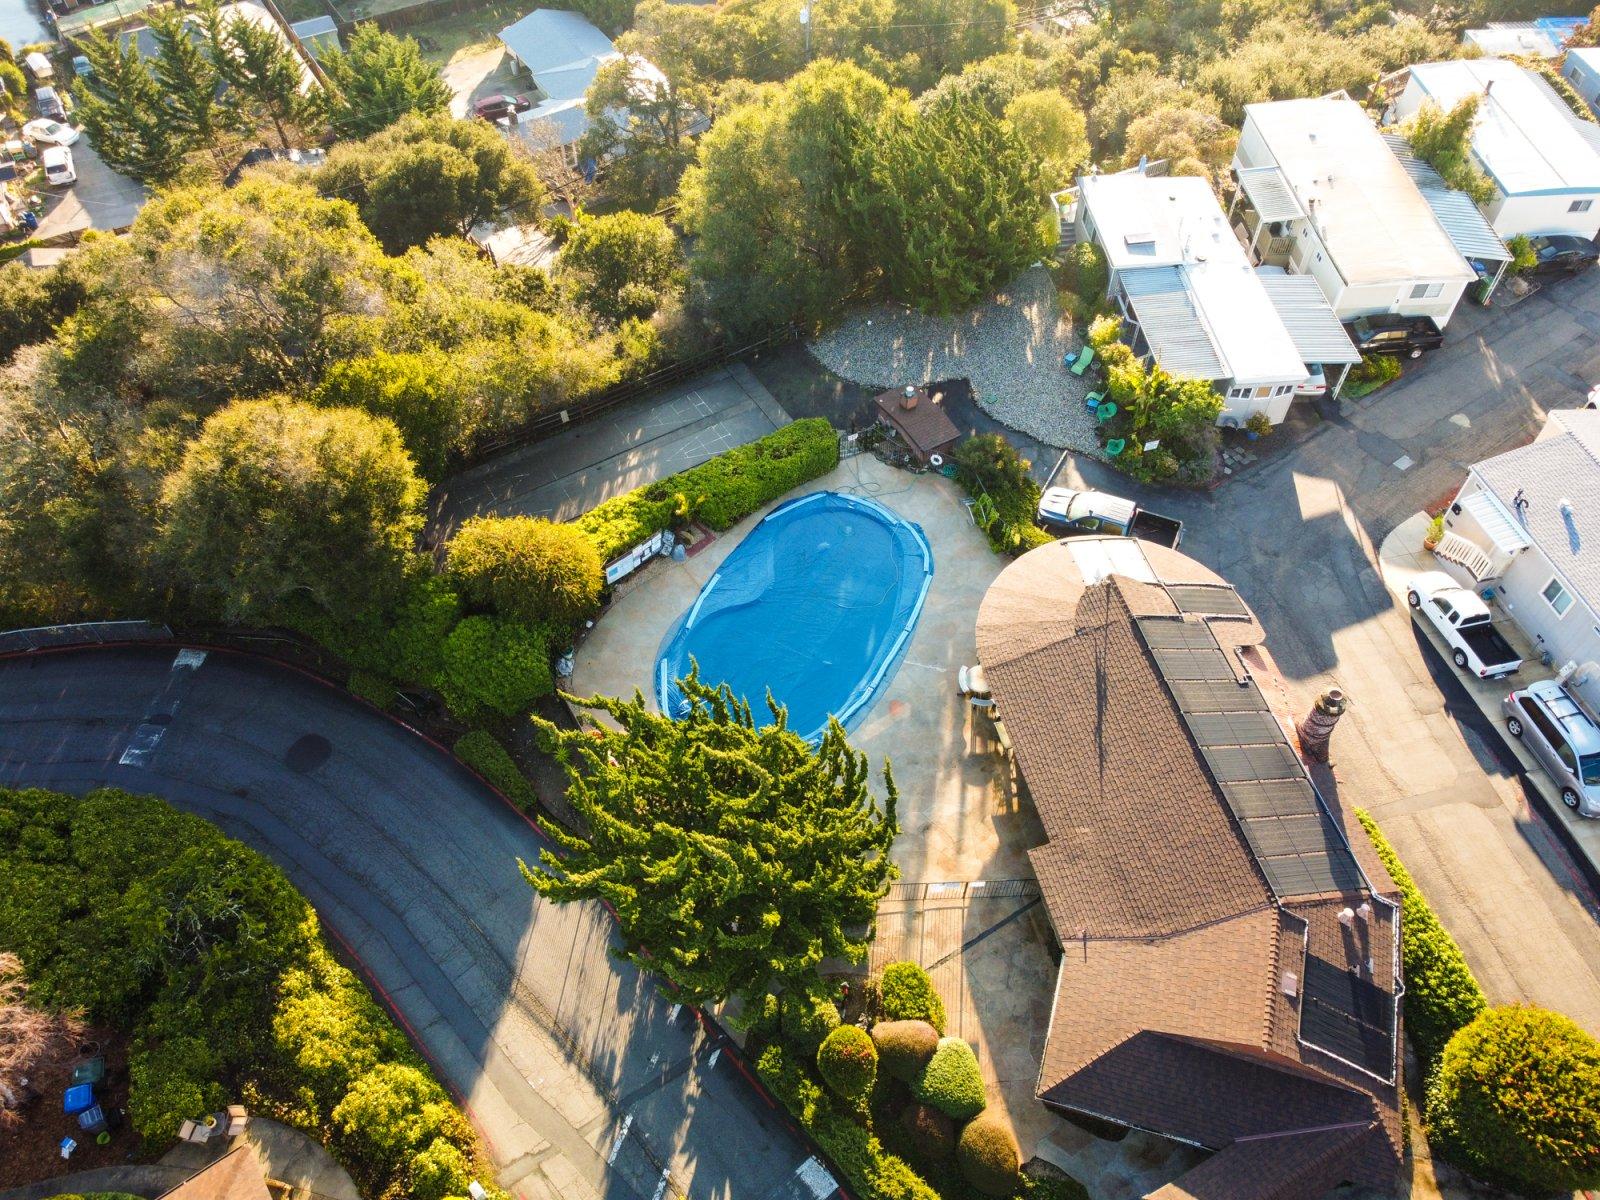 Alimur Mobile Home Park in Soquel, California